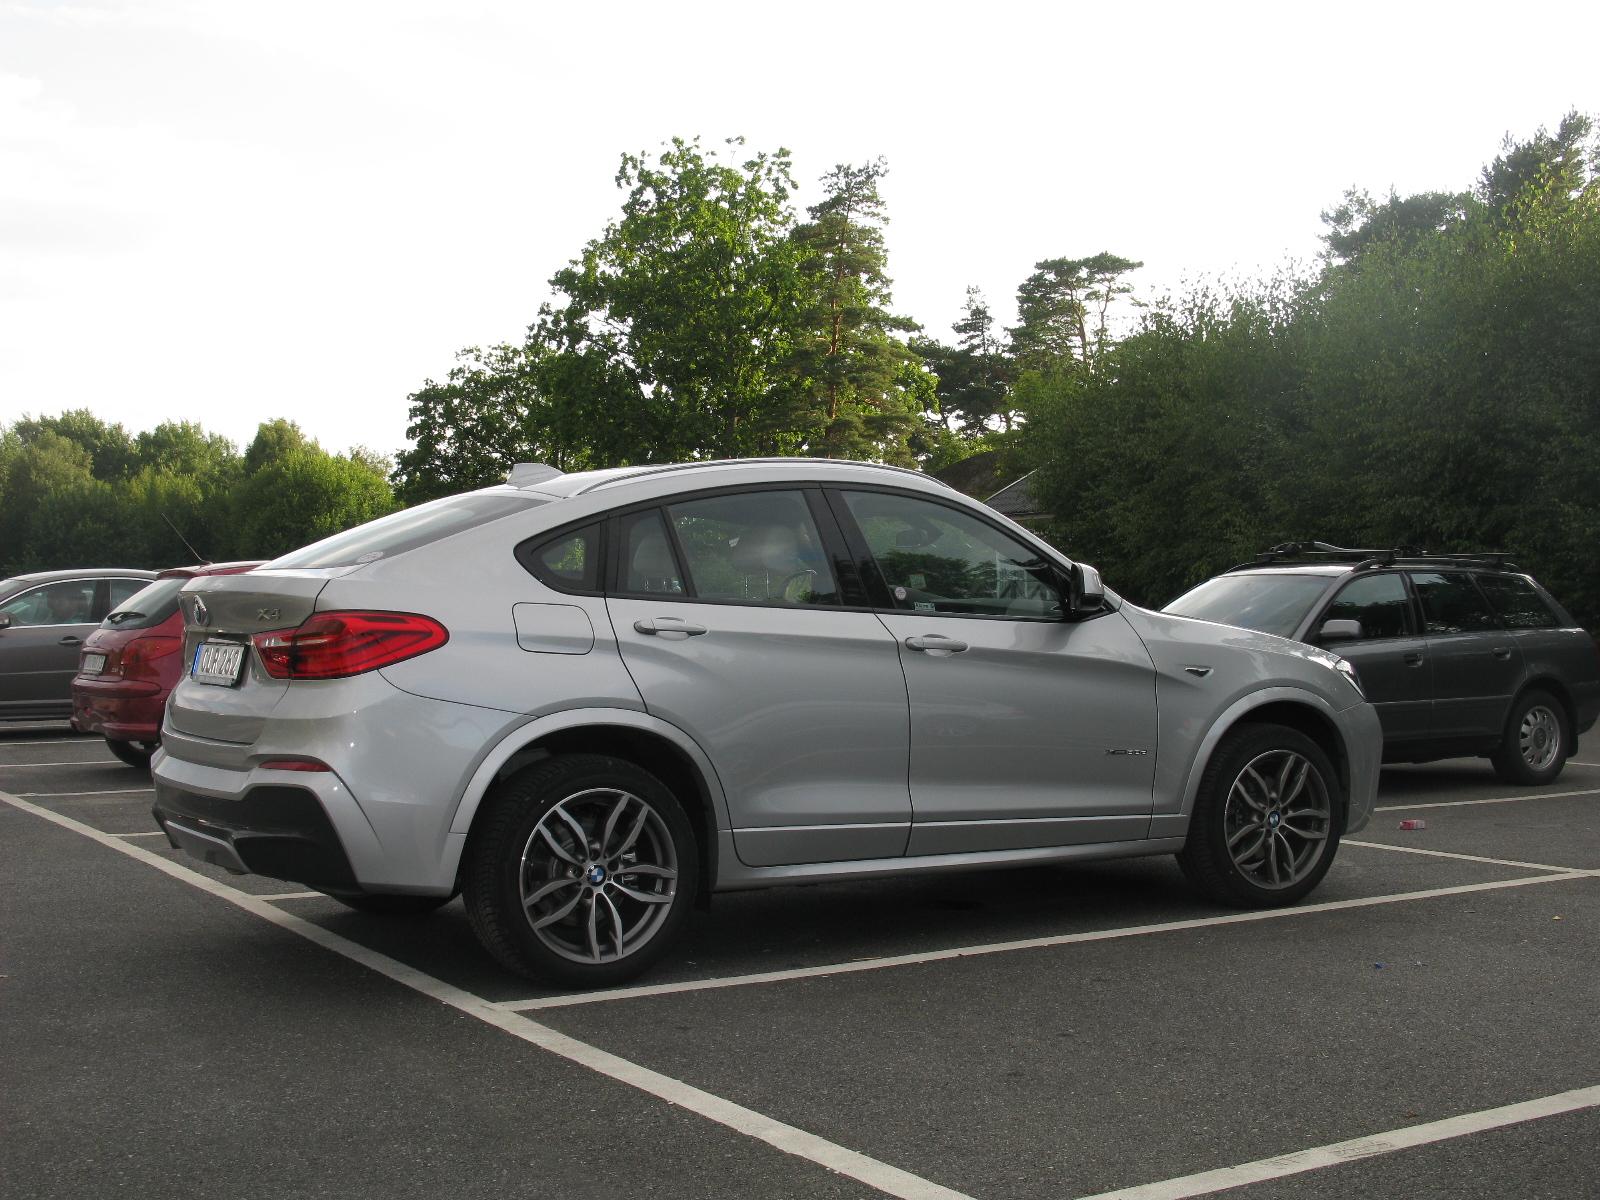 File:BMW X4 2 0d X Drive (14666532218) jpg - Wikimedia Commons